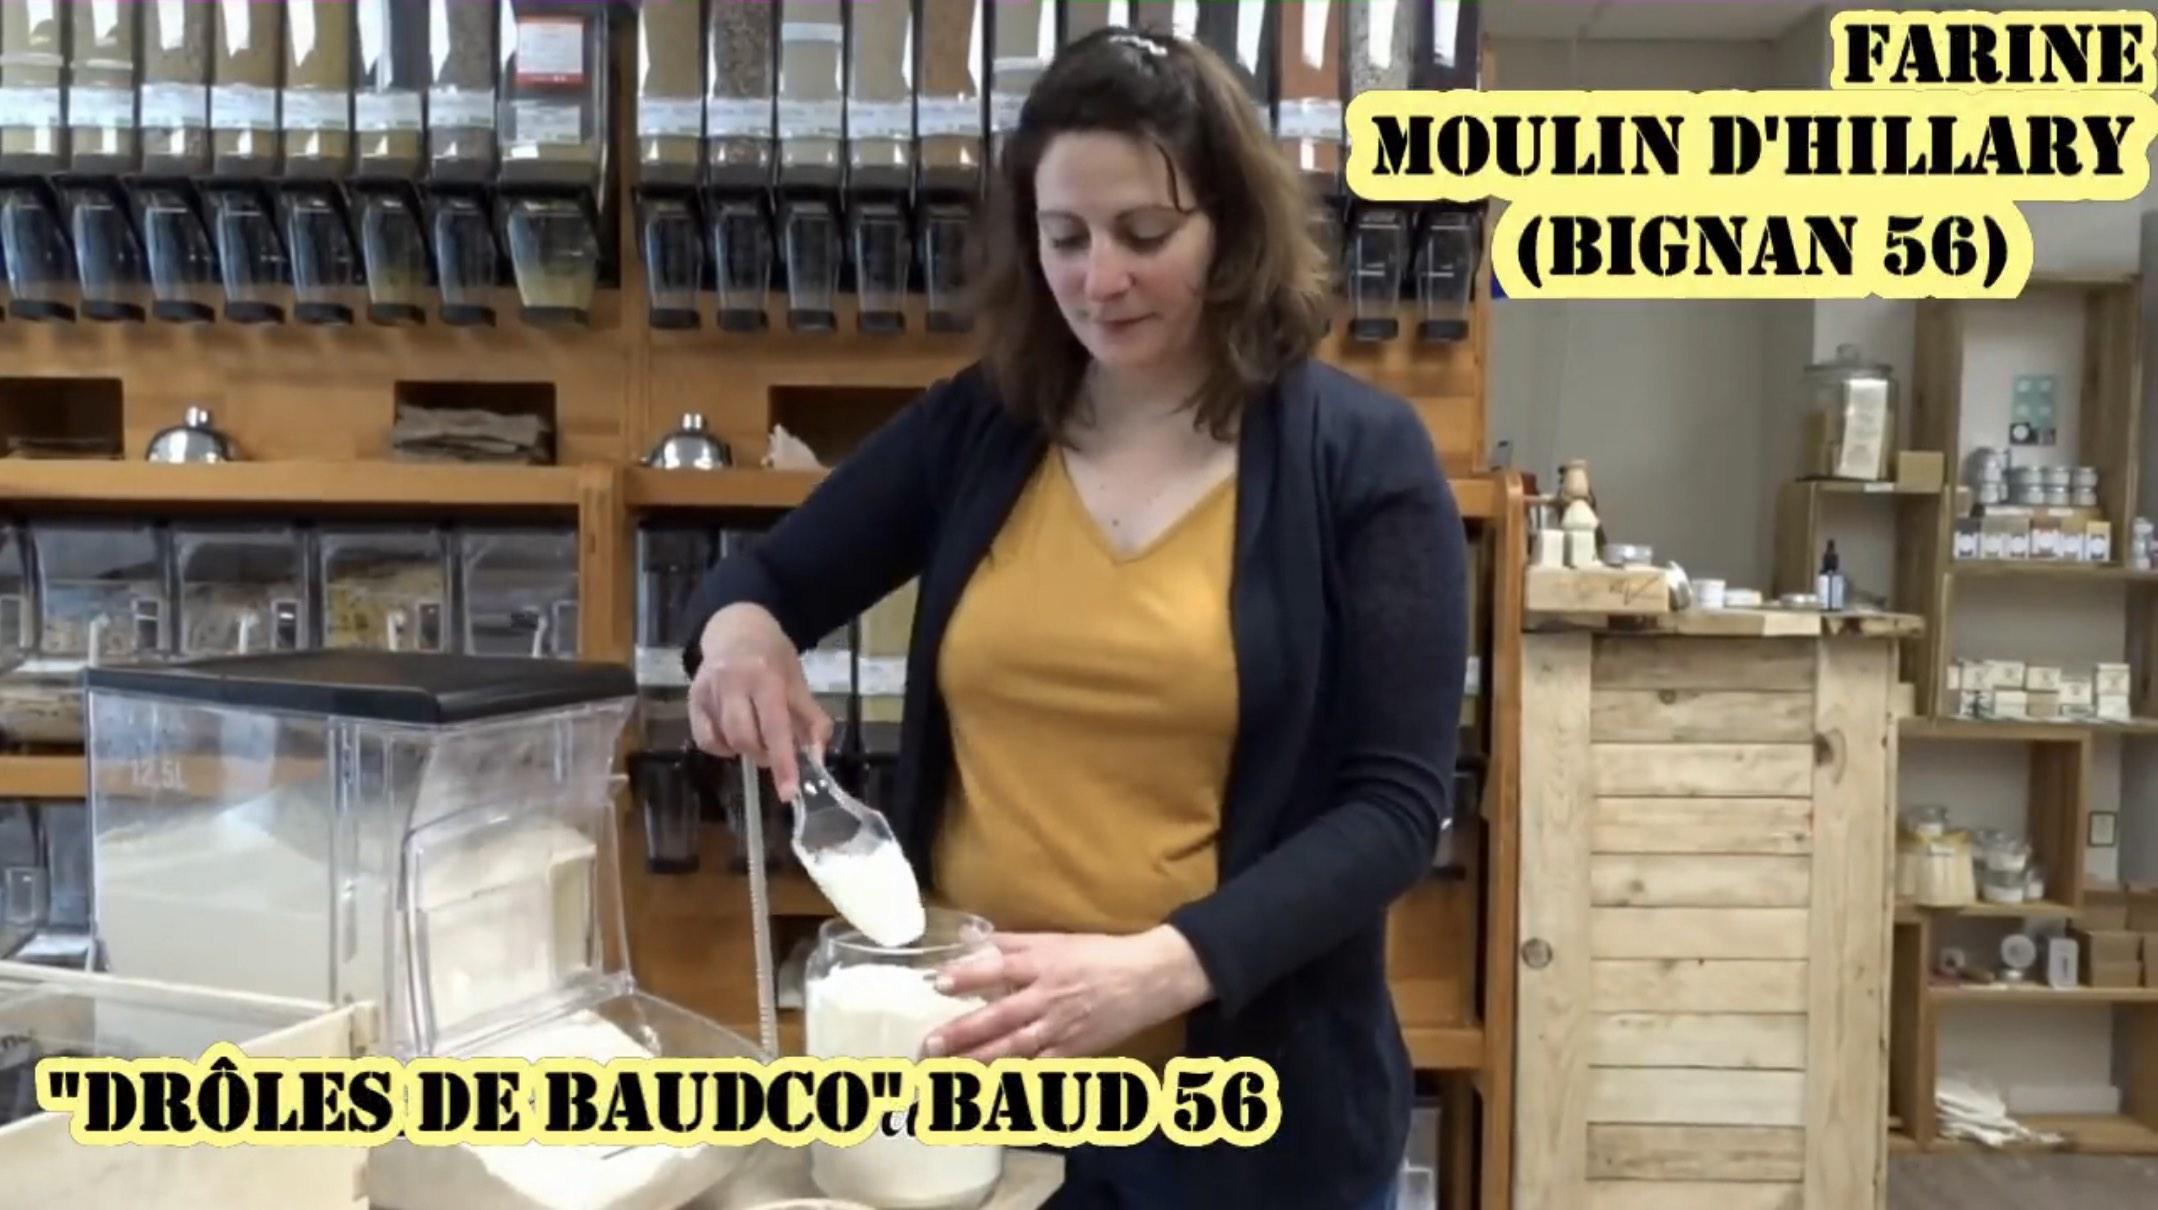 En-Bretagne-les-commerces-vrac-font-le-buzz-en-vidéo-Blog-petitscommerces